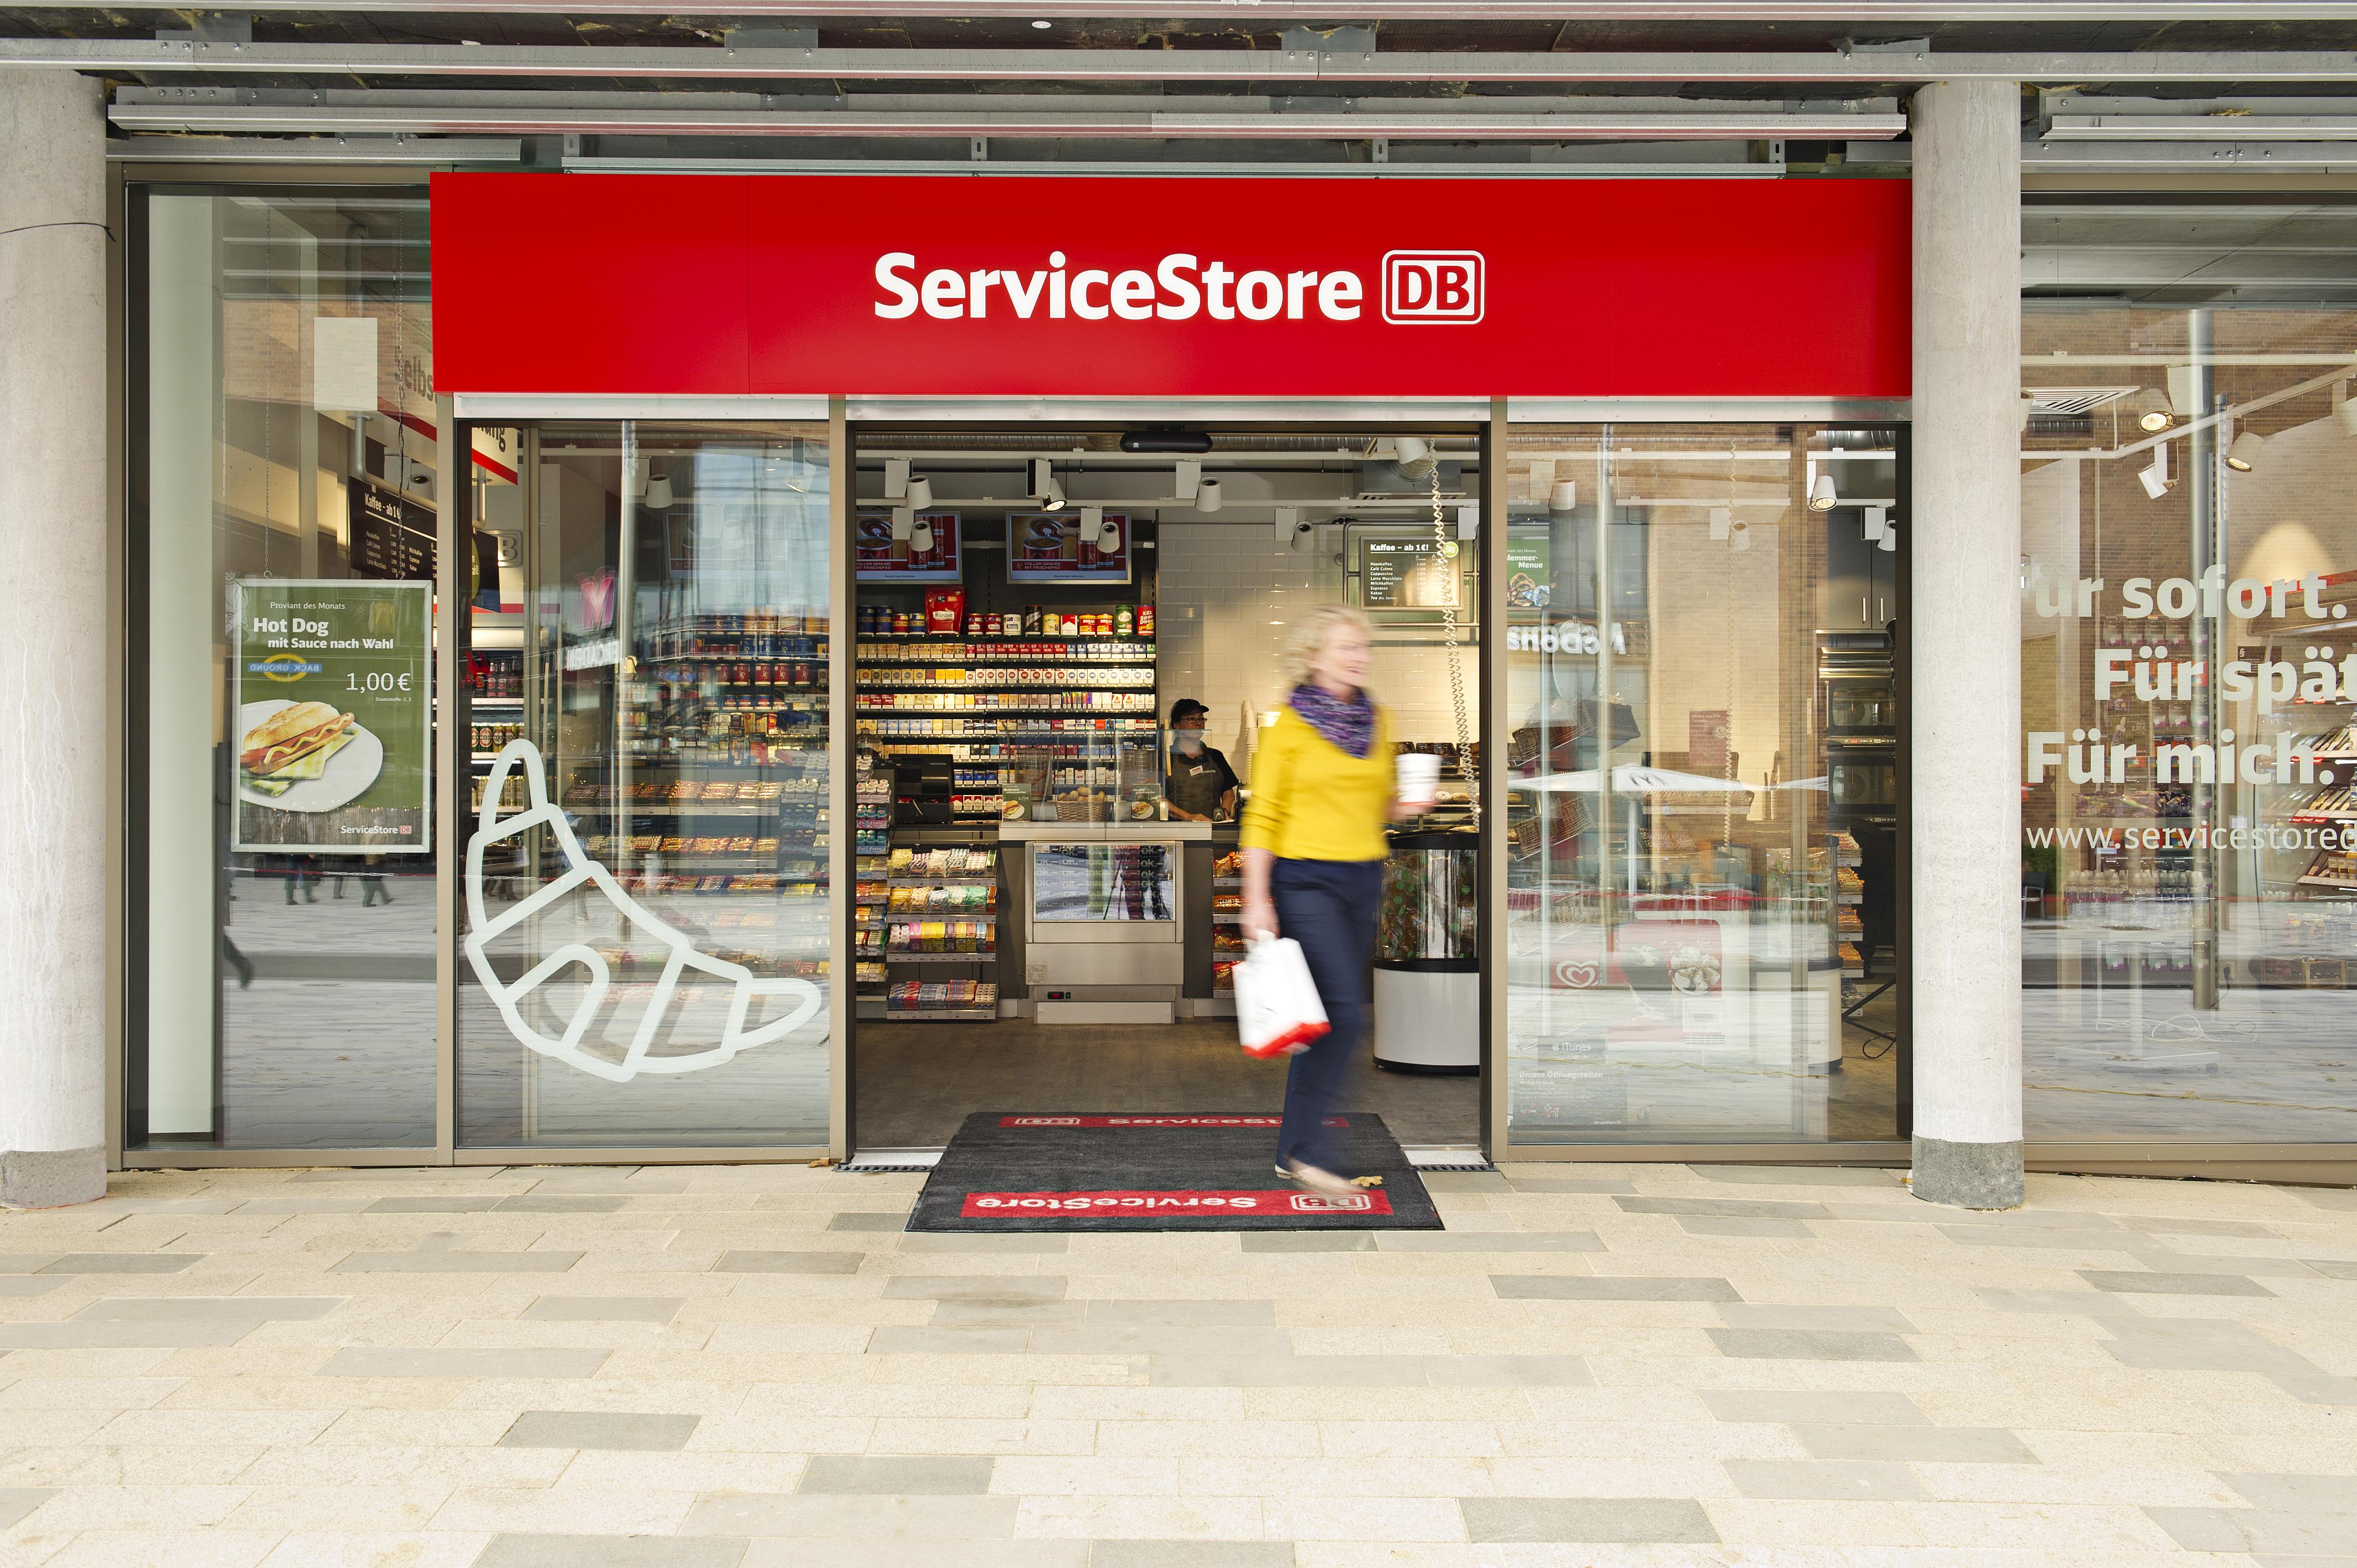 ServiceStore DB - Hauptbahnhof Duisburg